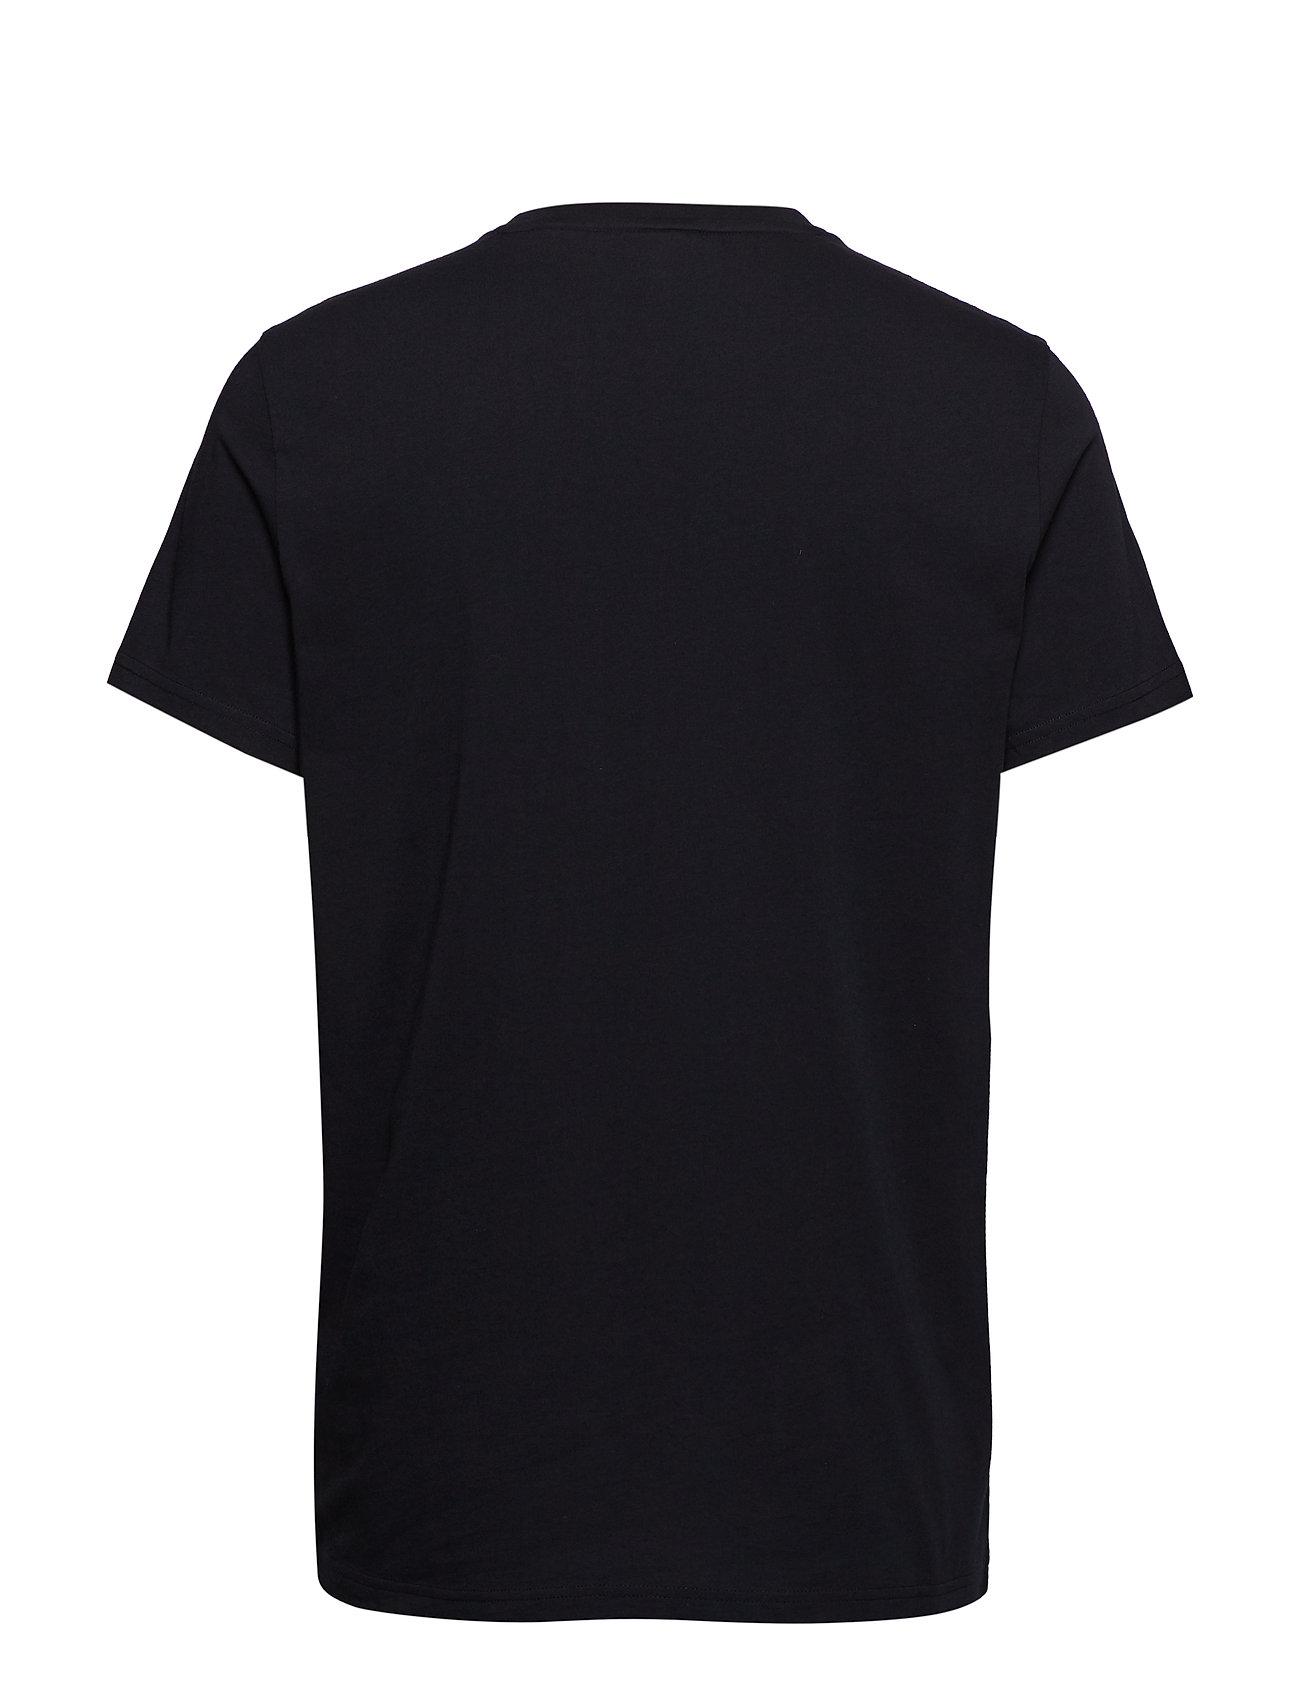 Ss D1Gant T Shirtblack LockUp D1Gant Shirtblack T Ss D1Gant LockUp I6y7bYfgv